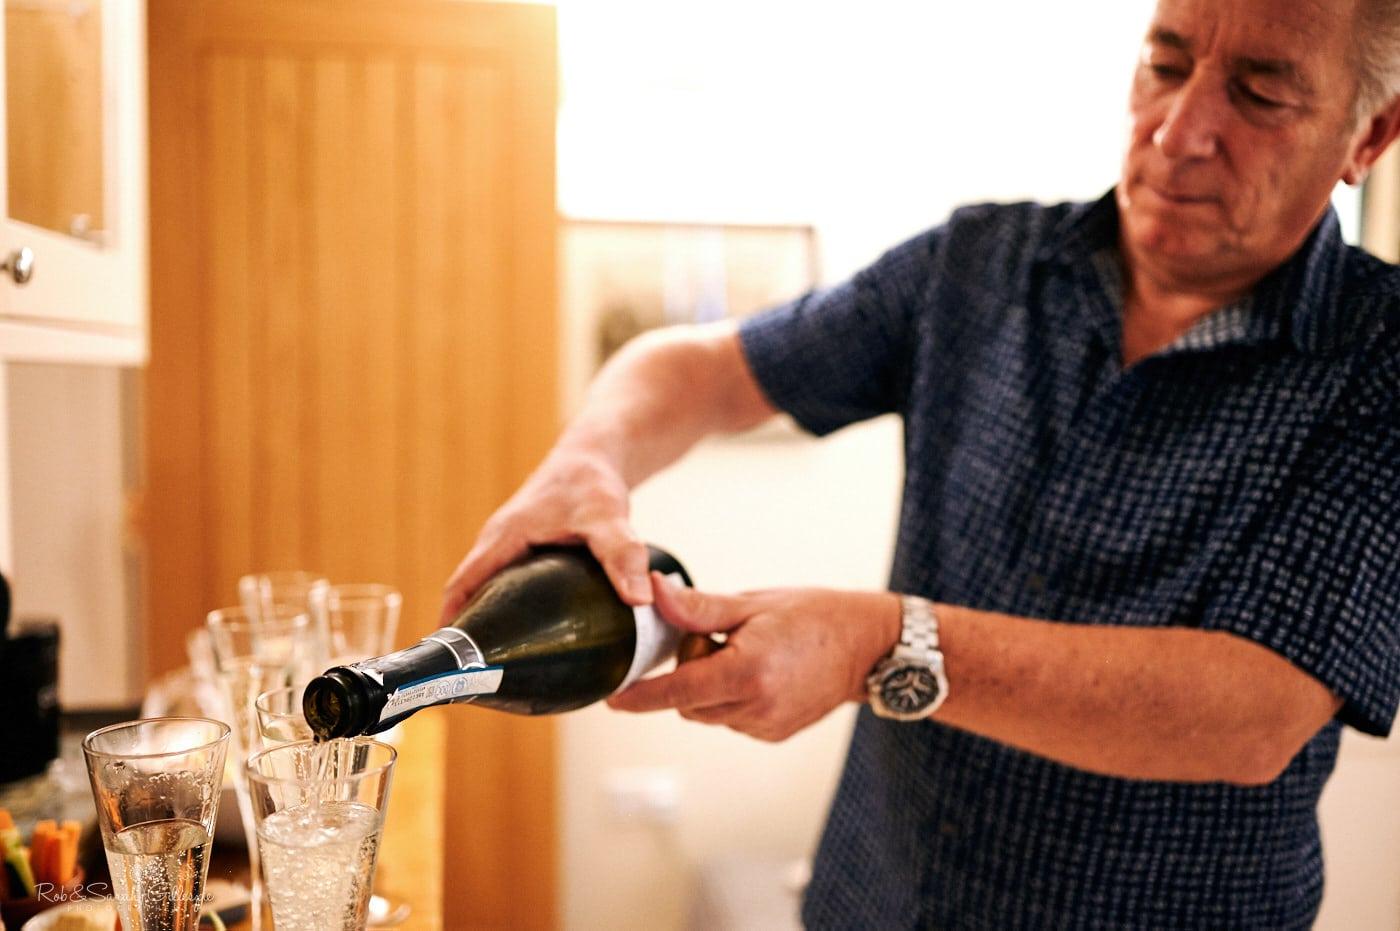 Bride's dad pouring drink